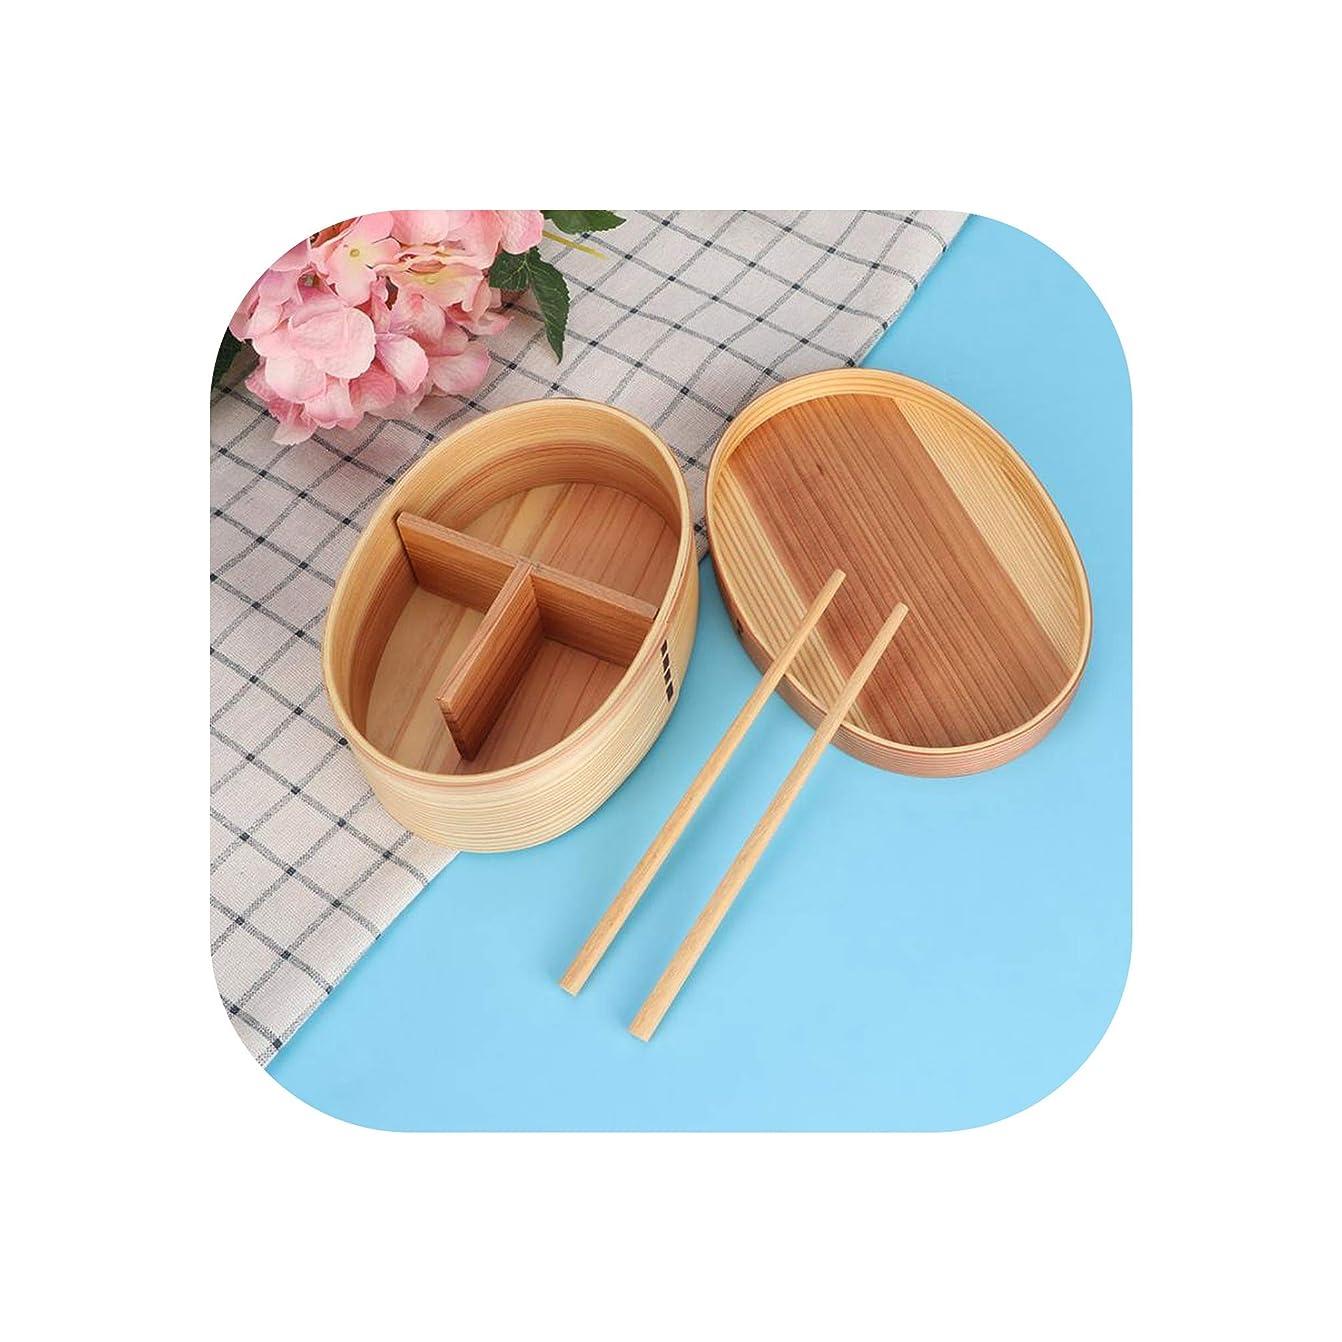 シールドタイマー番目ピクニックフードコンテナー1層弁当箱木製ランチボックス木製寿司食器ボウル食品コンテナー.comでポータブルピクニックフード|グループ